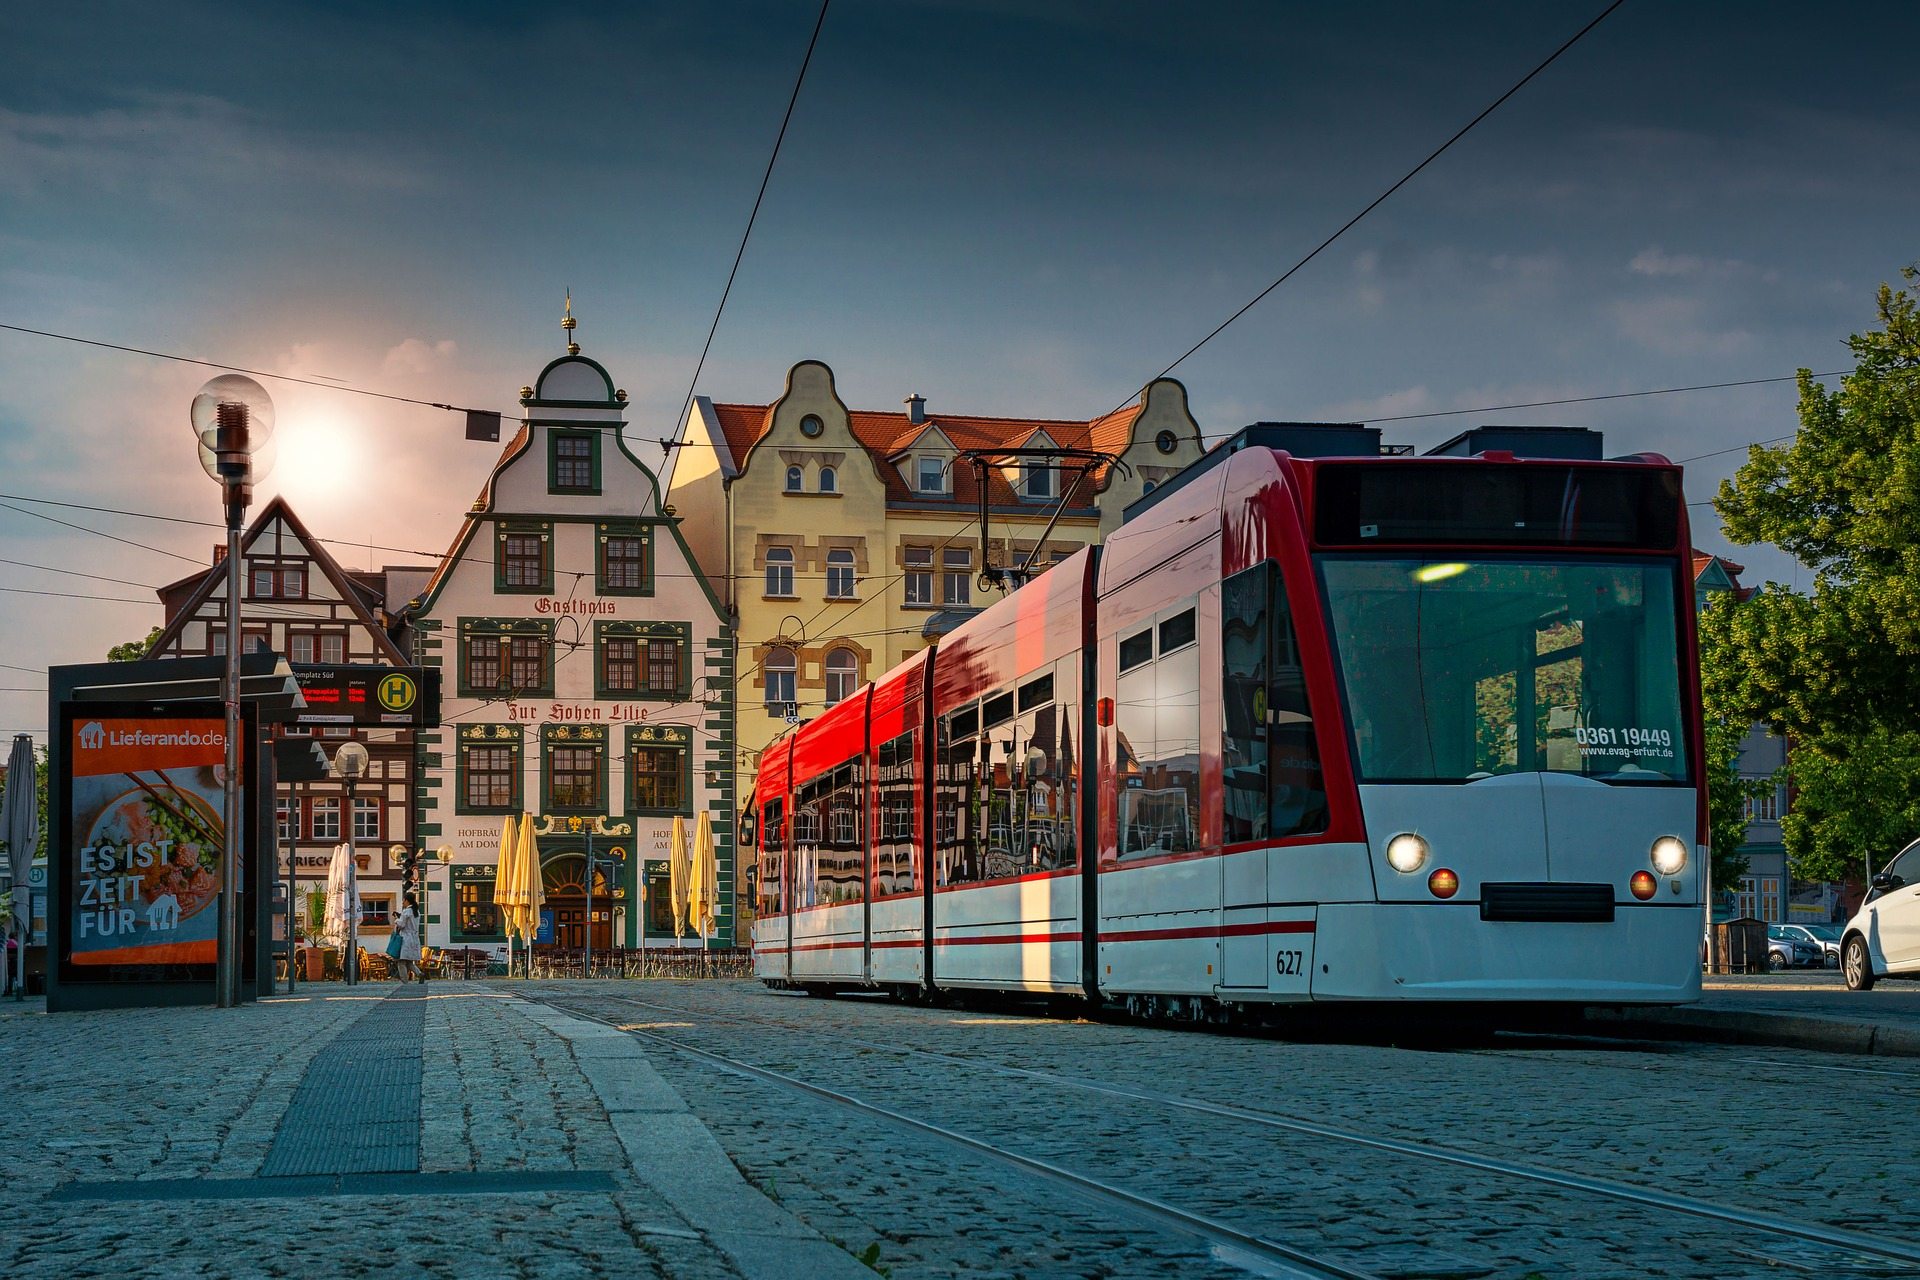 Haltestelle am Erfurter Domplatz